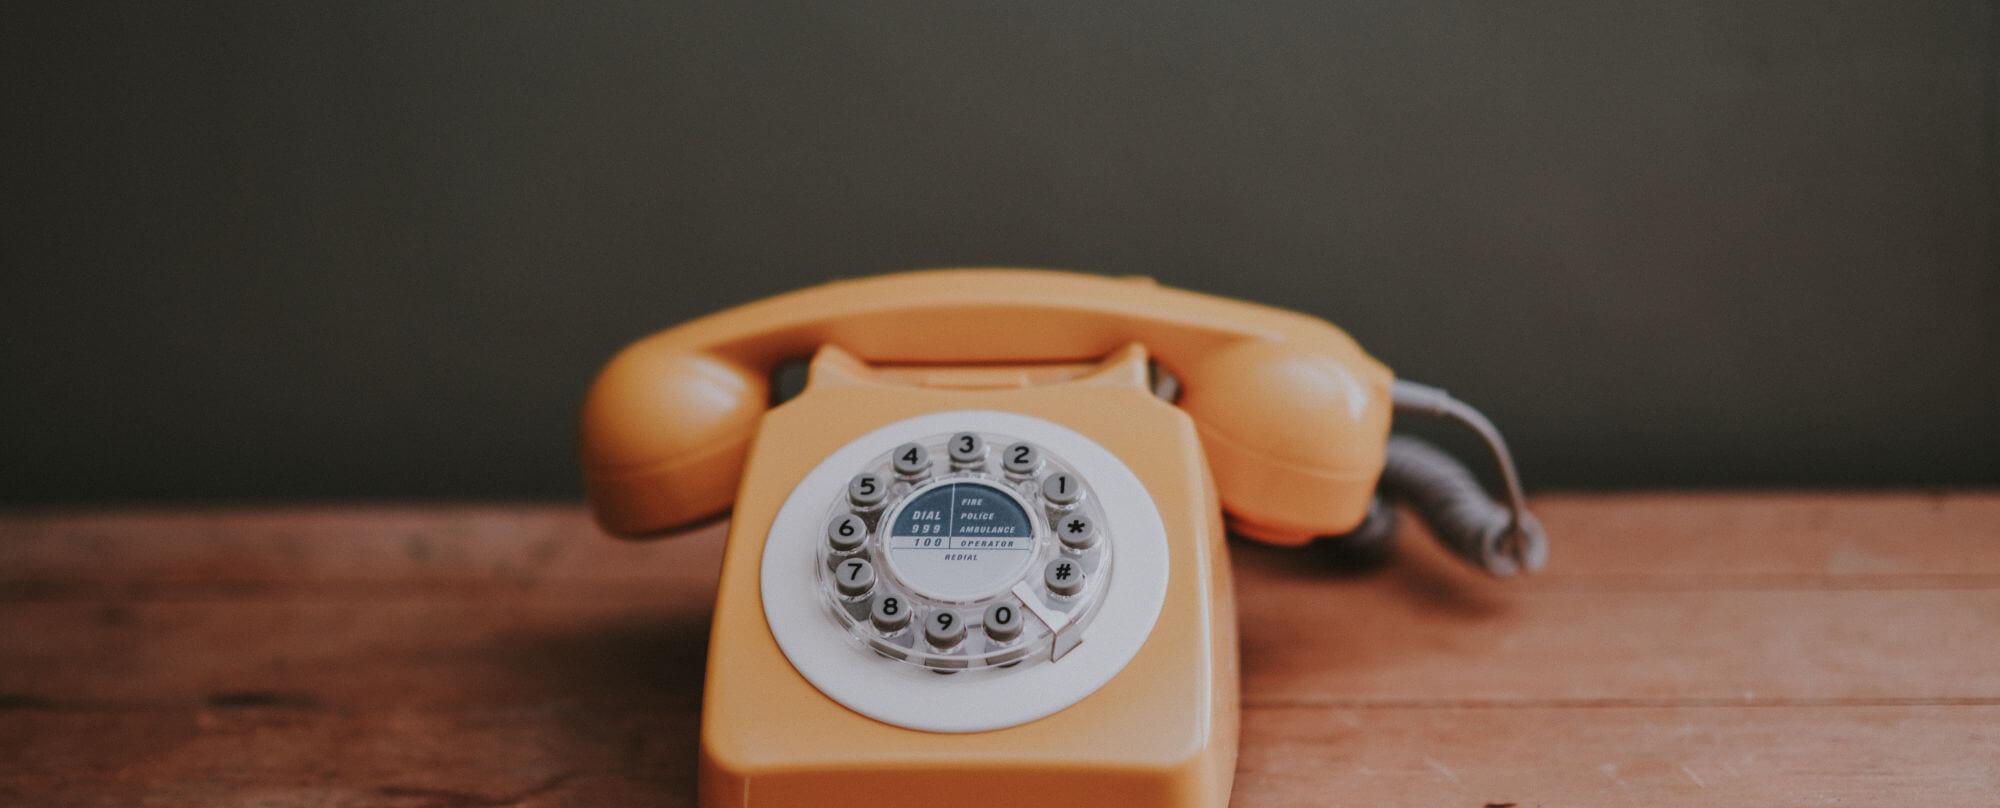 Parhaat tavat käyttää puhelinvastaajaa kampaamossa tai hoitolassa